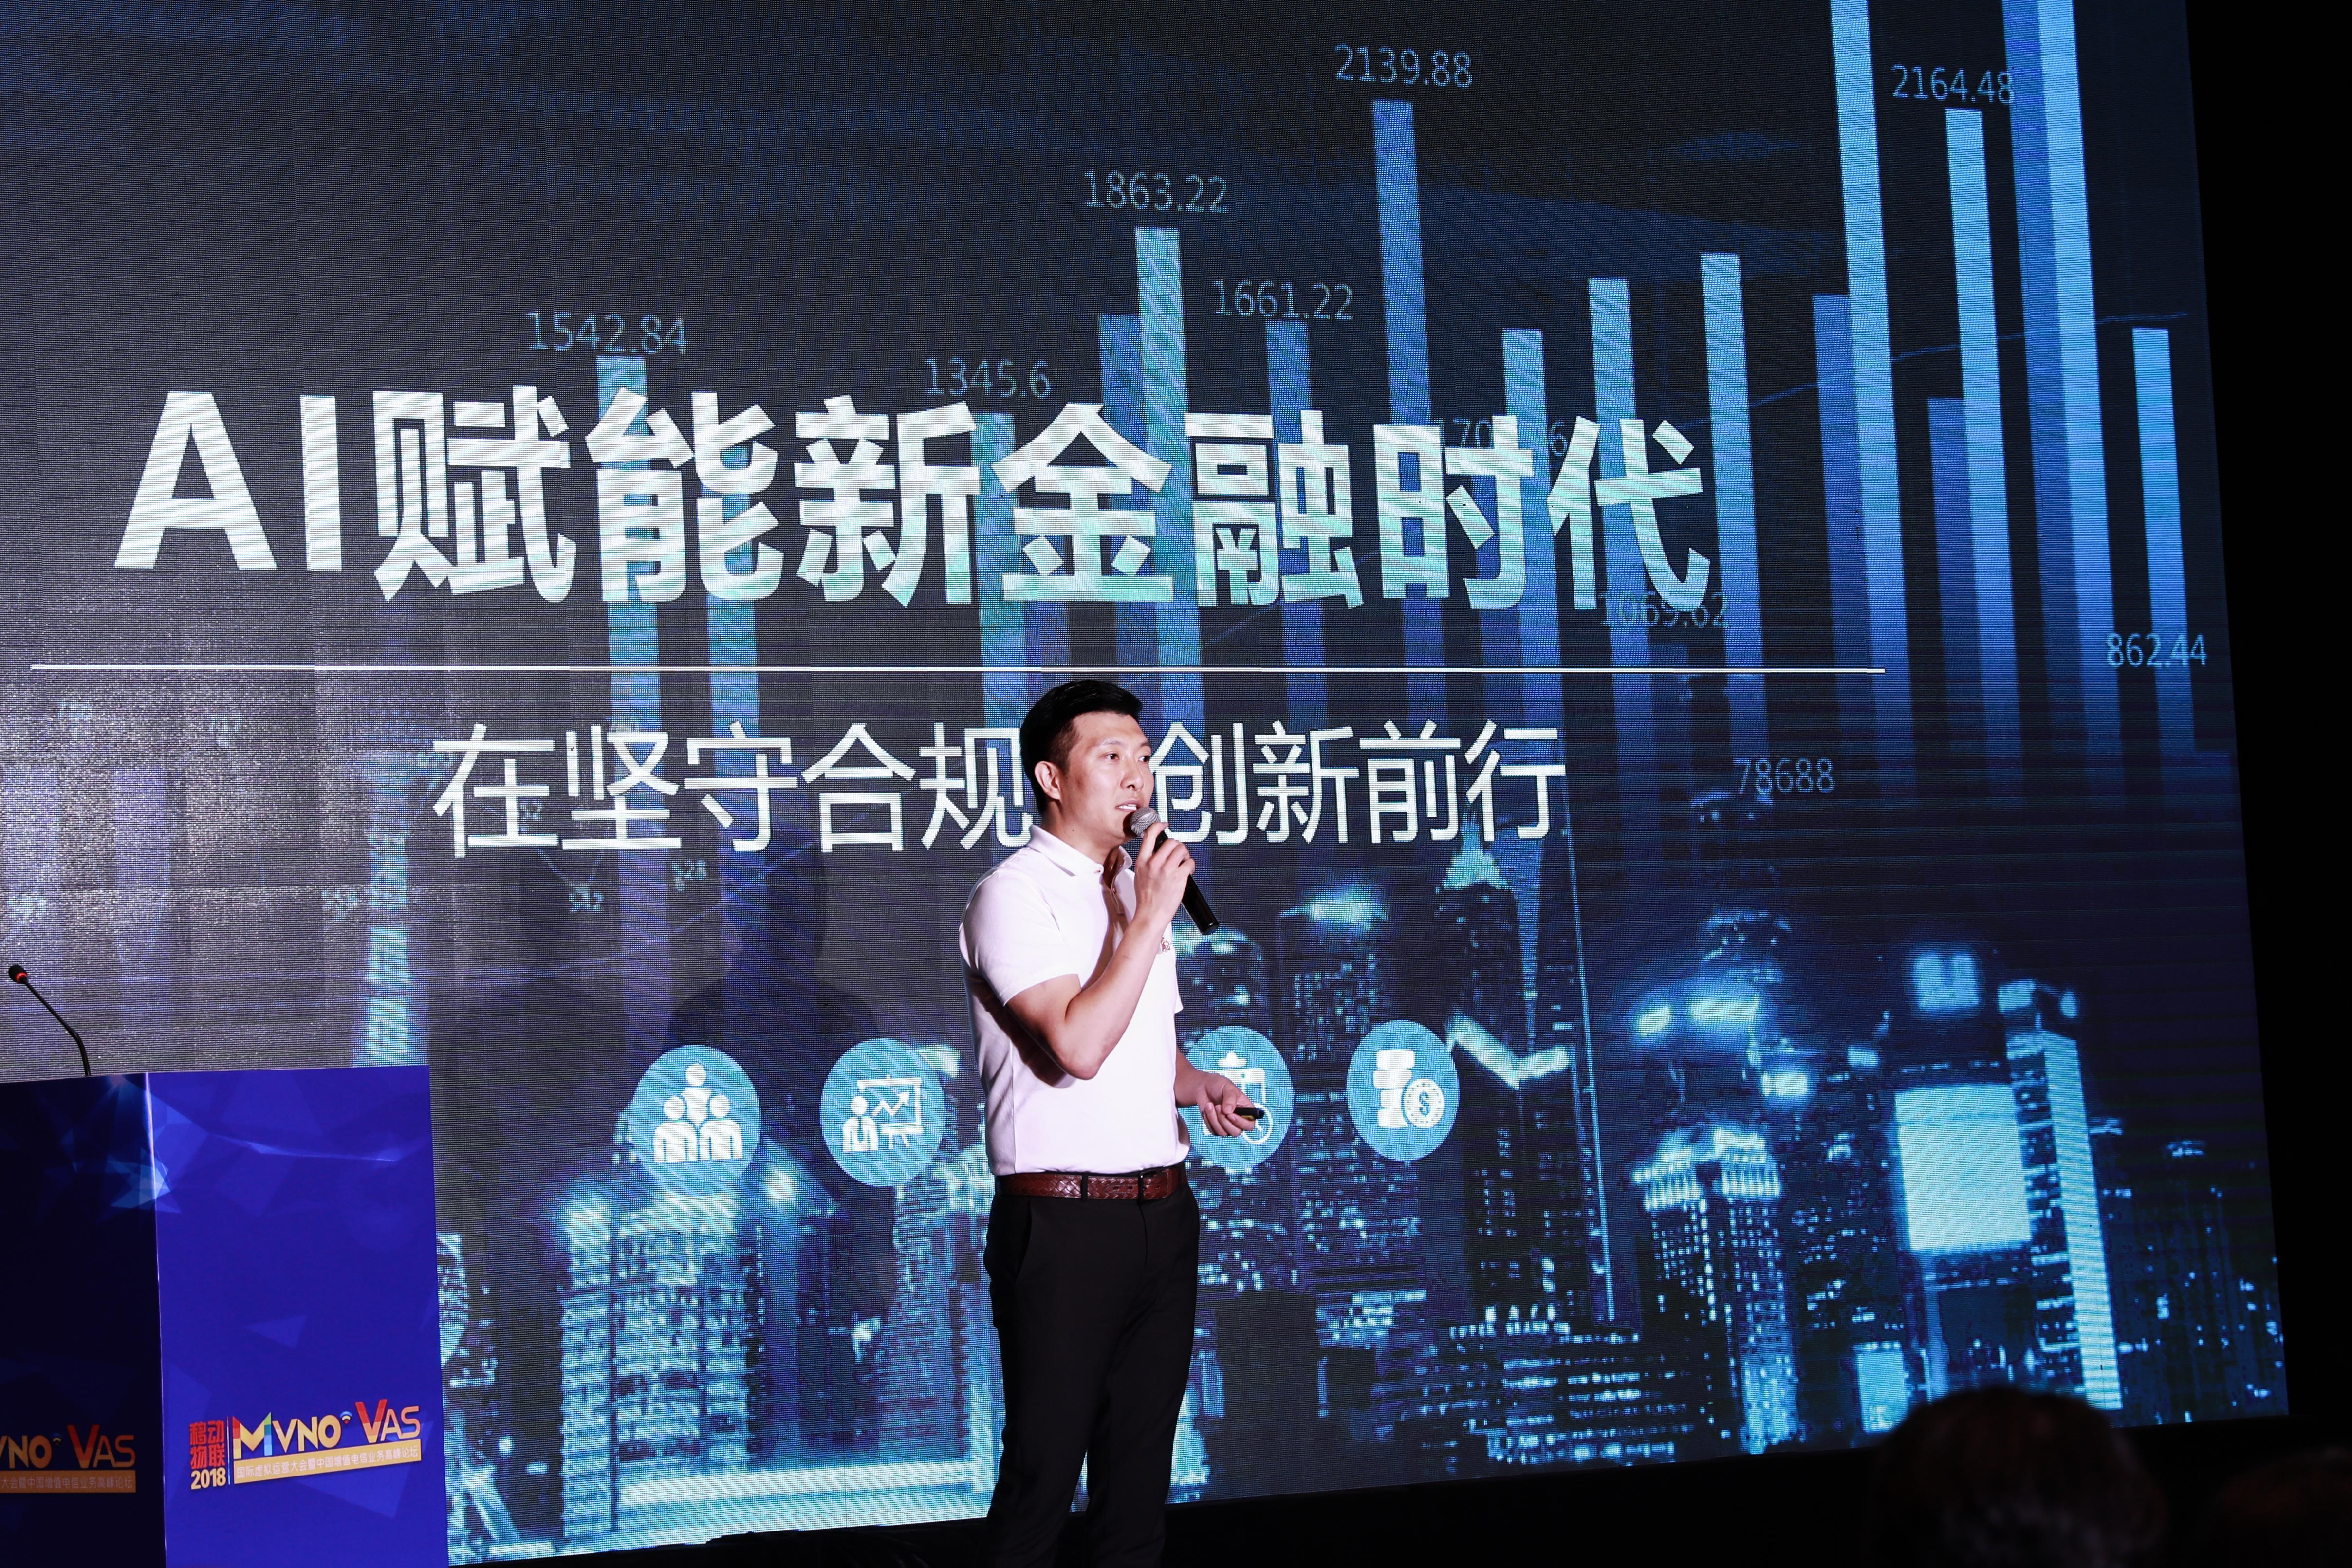 凡普金科出席中国增值电信业务高峰论坛 宣布加入自律委员会